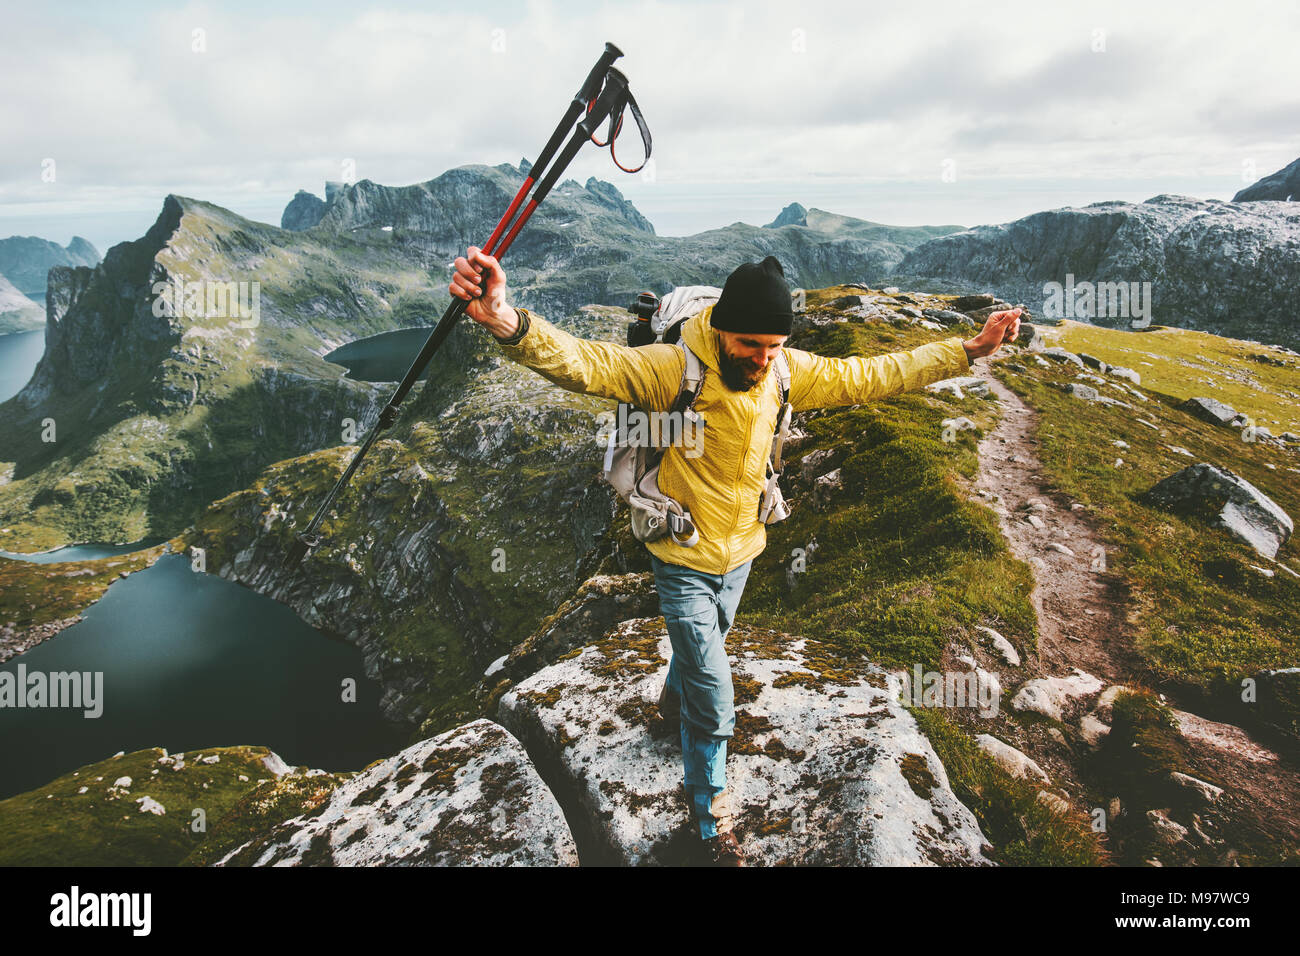 Hombre aventurero trail running en las montañas de Noruega viaje de aventura en el estilo de vida éxito ganador concepto activo de senderismo vacaciones de verano piscina Imagen De Stock